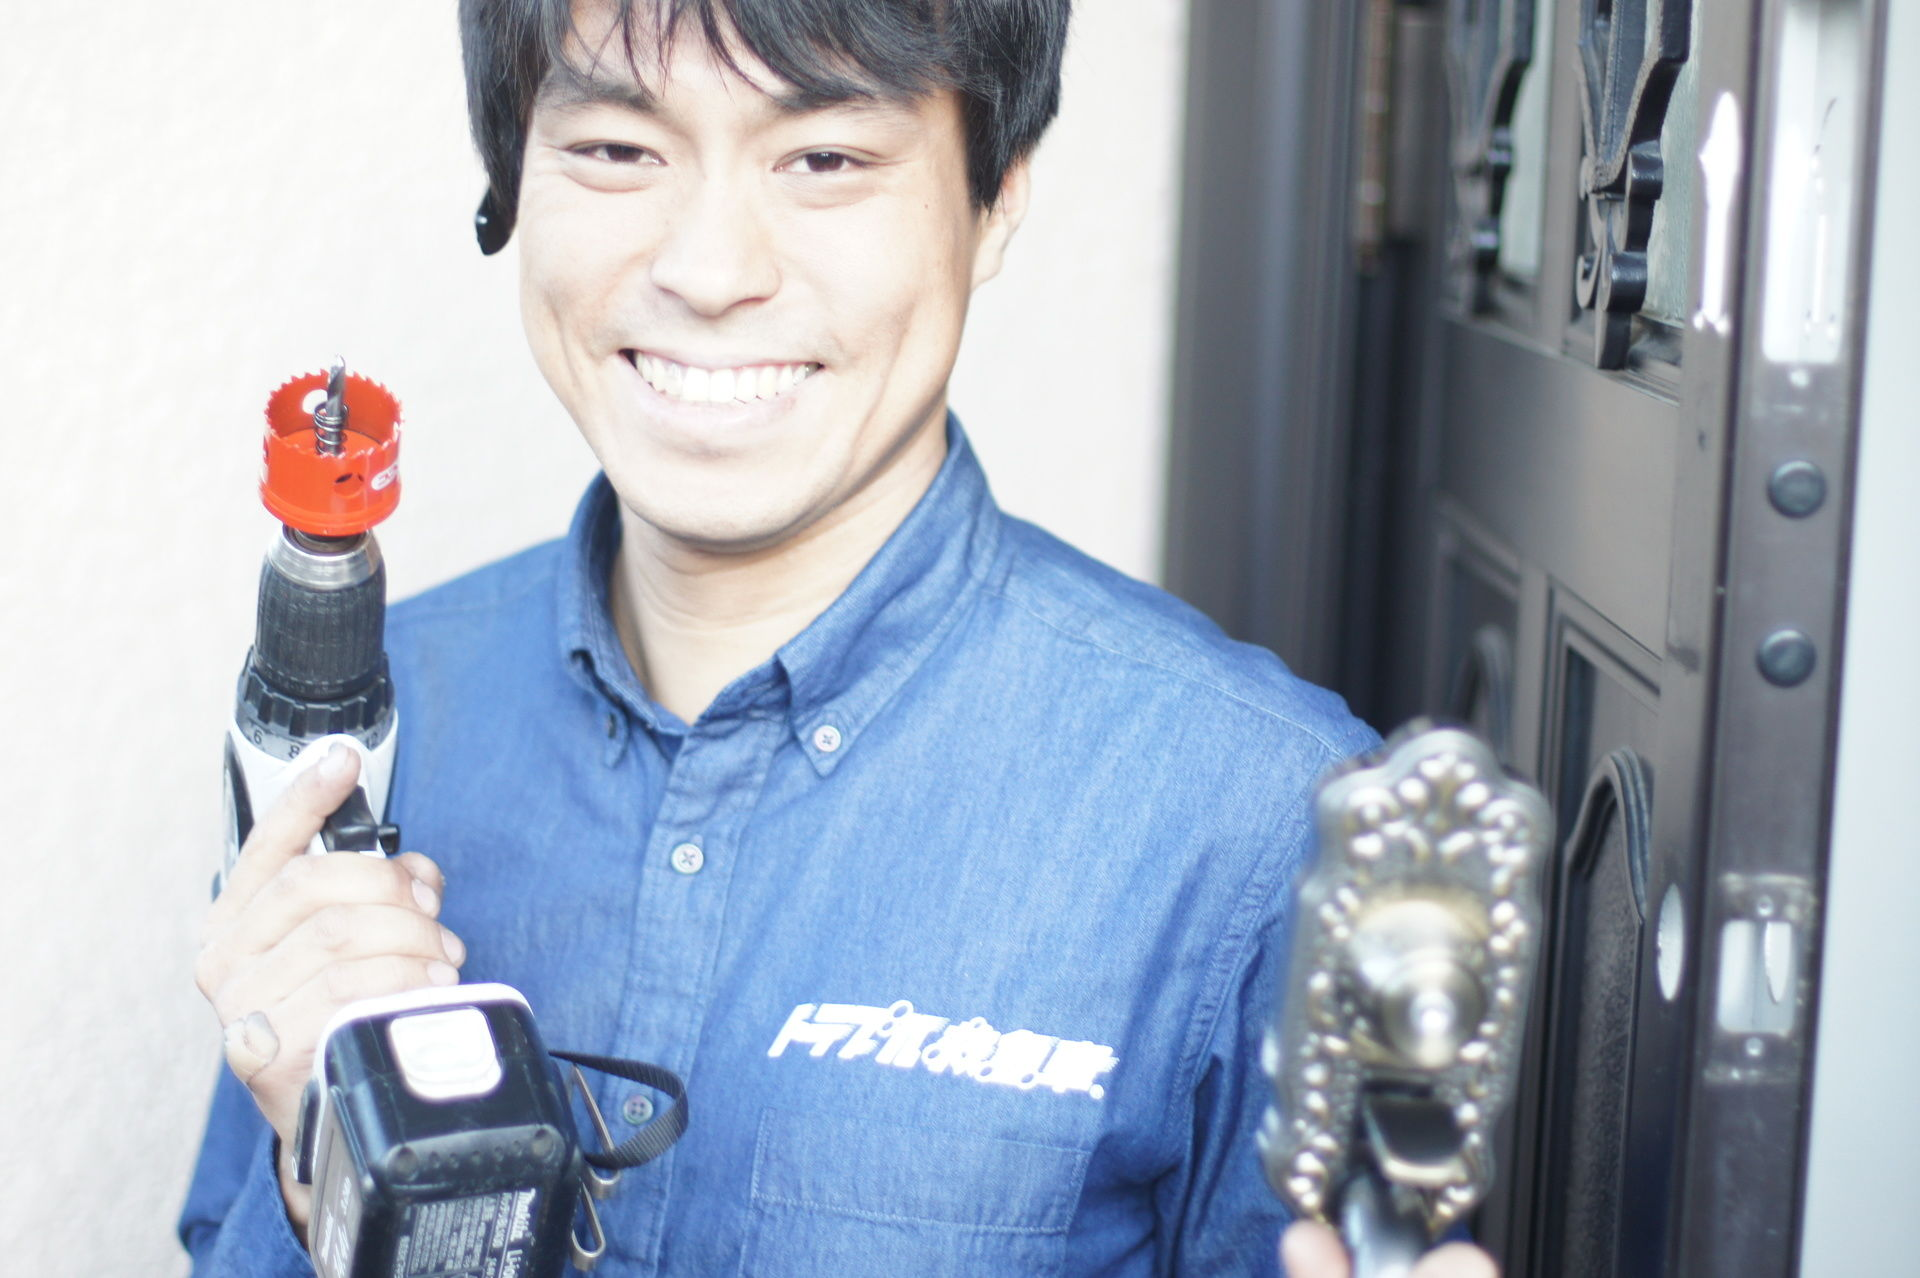 カギのトラブル救急車【東広島市 出張エリア】のメイン画像